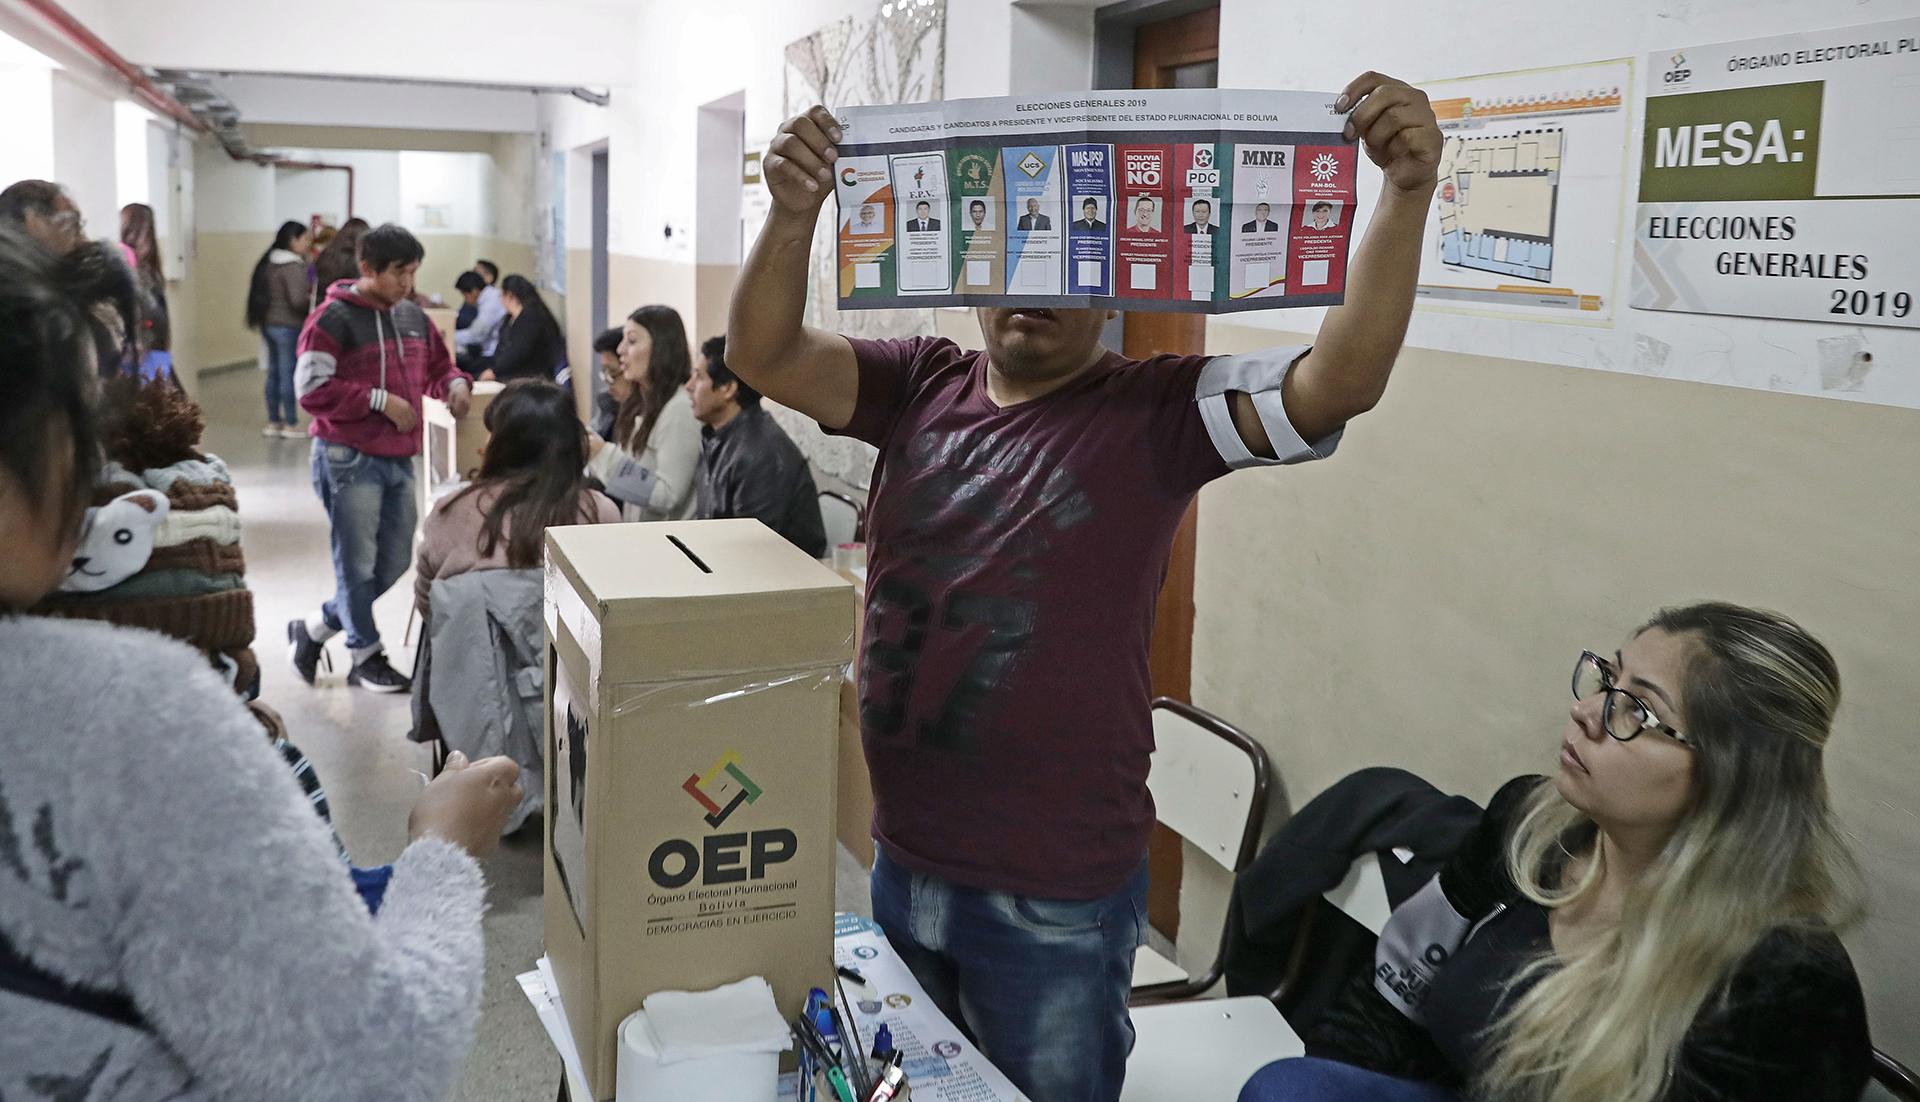 Una de las autoridades de mesa muestra la boleta a los ciudadanos bolivianos residentes en Buenos Aires que se preparar para emitir su voto